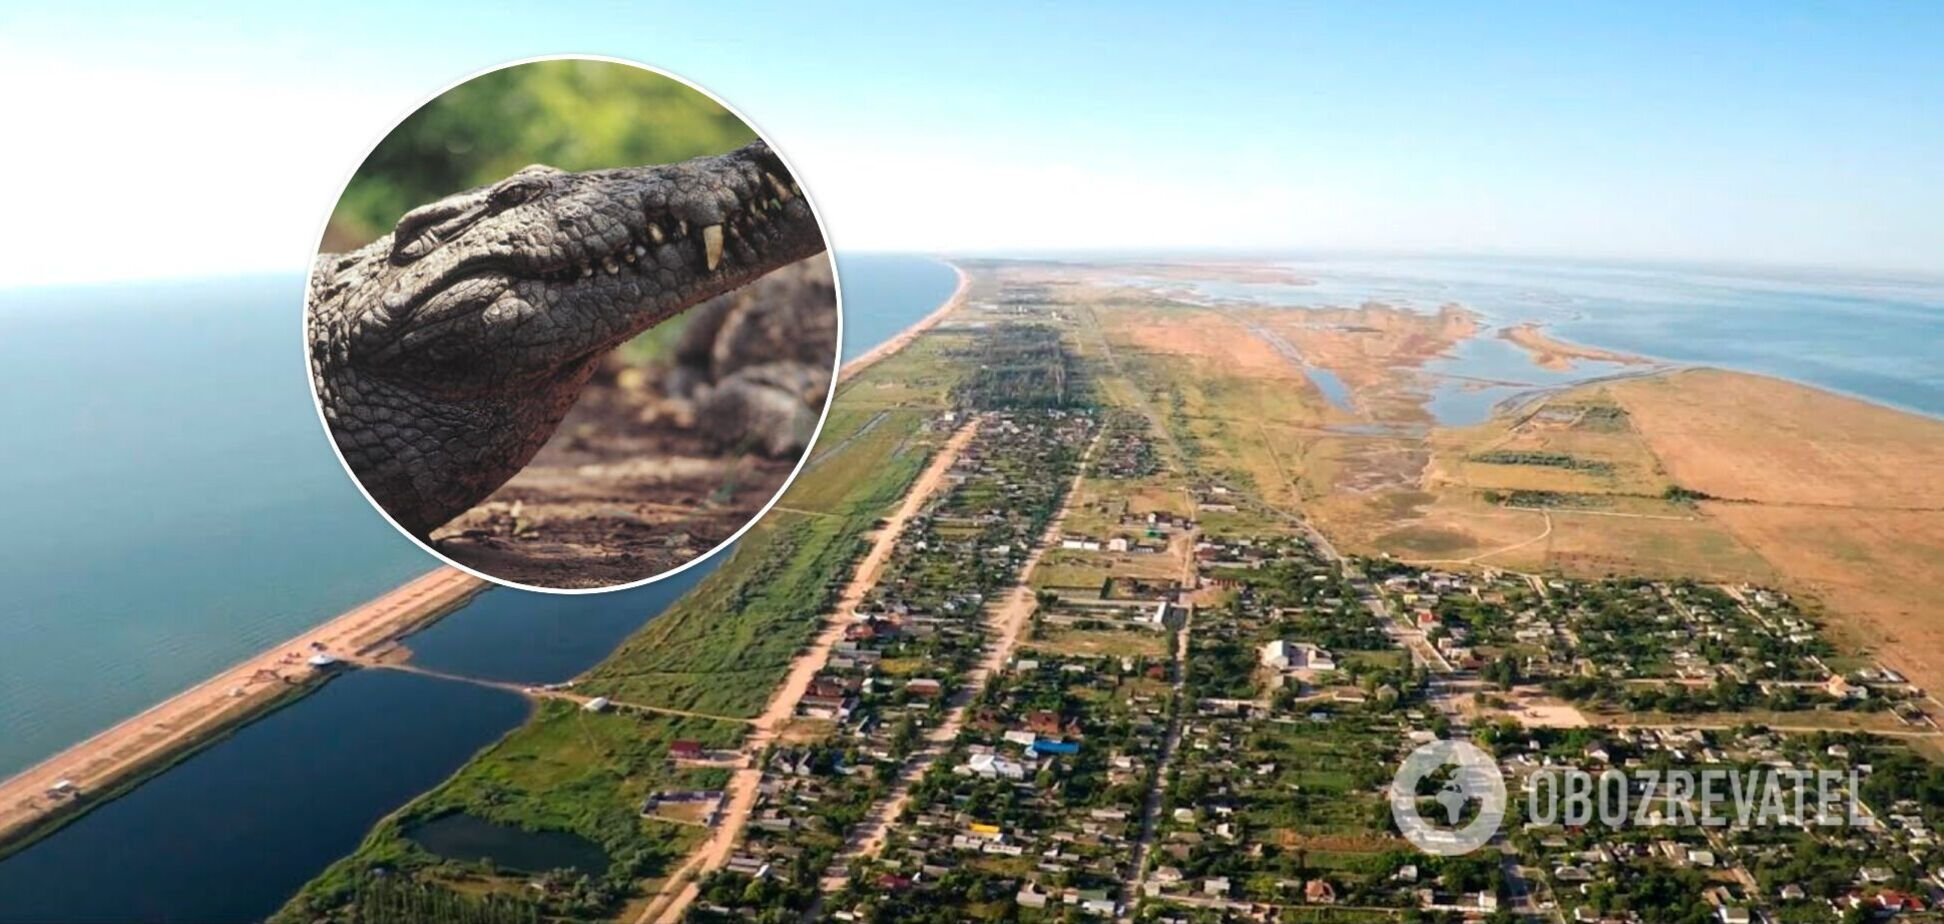 На Арабатской стрелке обнаружили полутораметрового крокодила